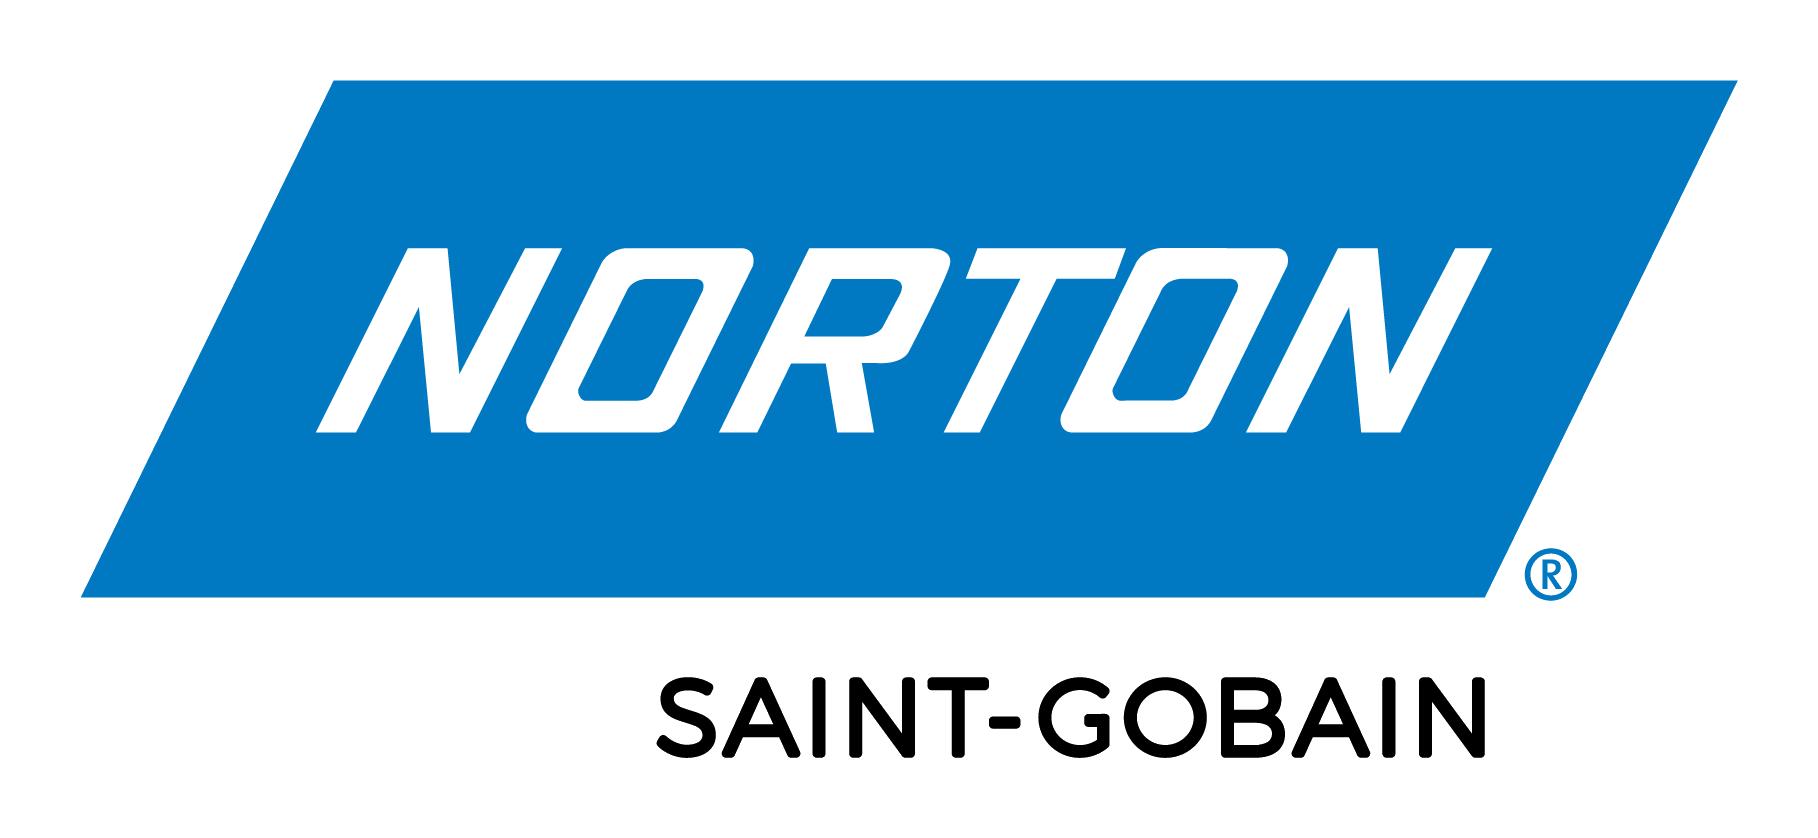 Saint-Gobain-Abrasives GmbH